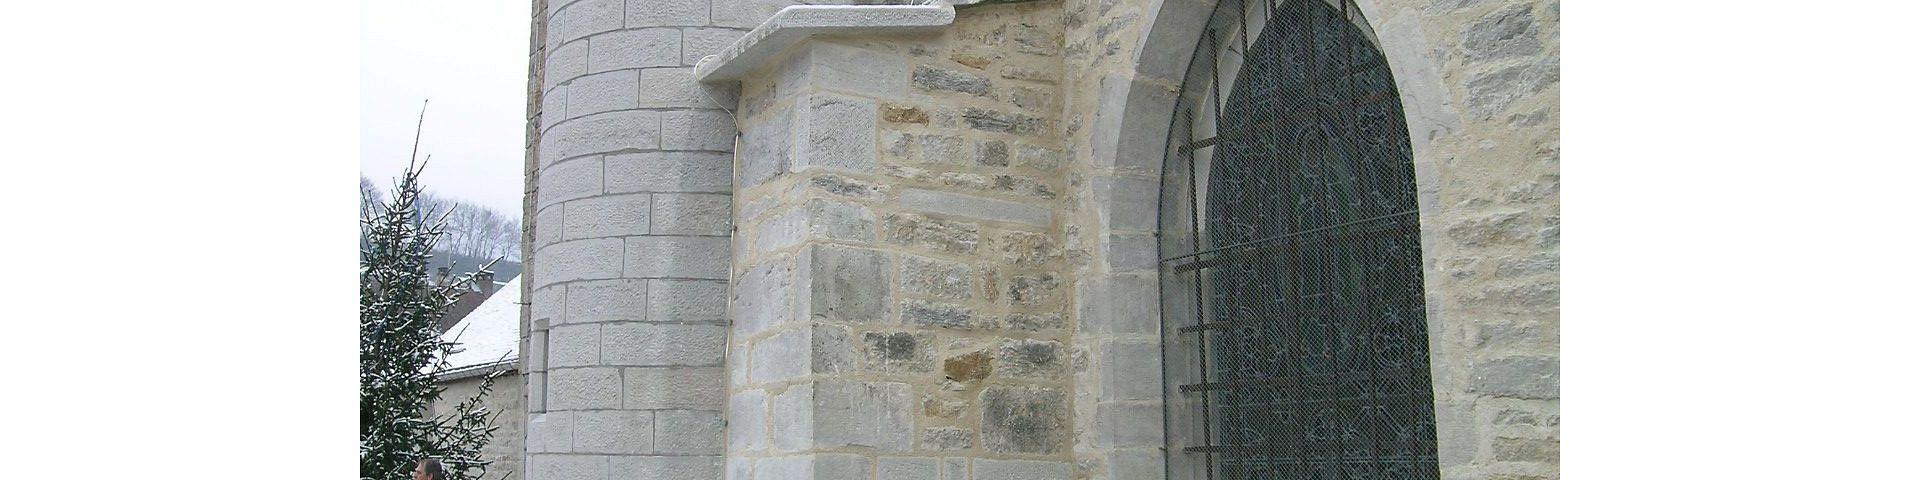 Vernantois - Eglise (39)